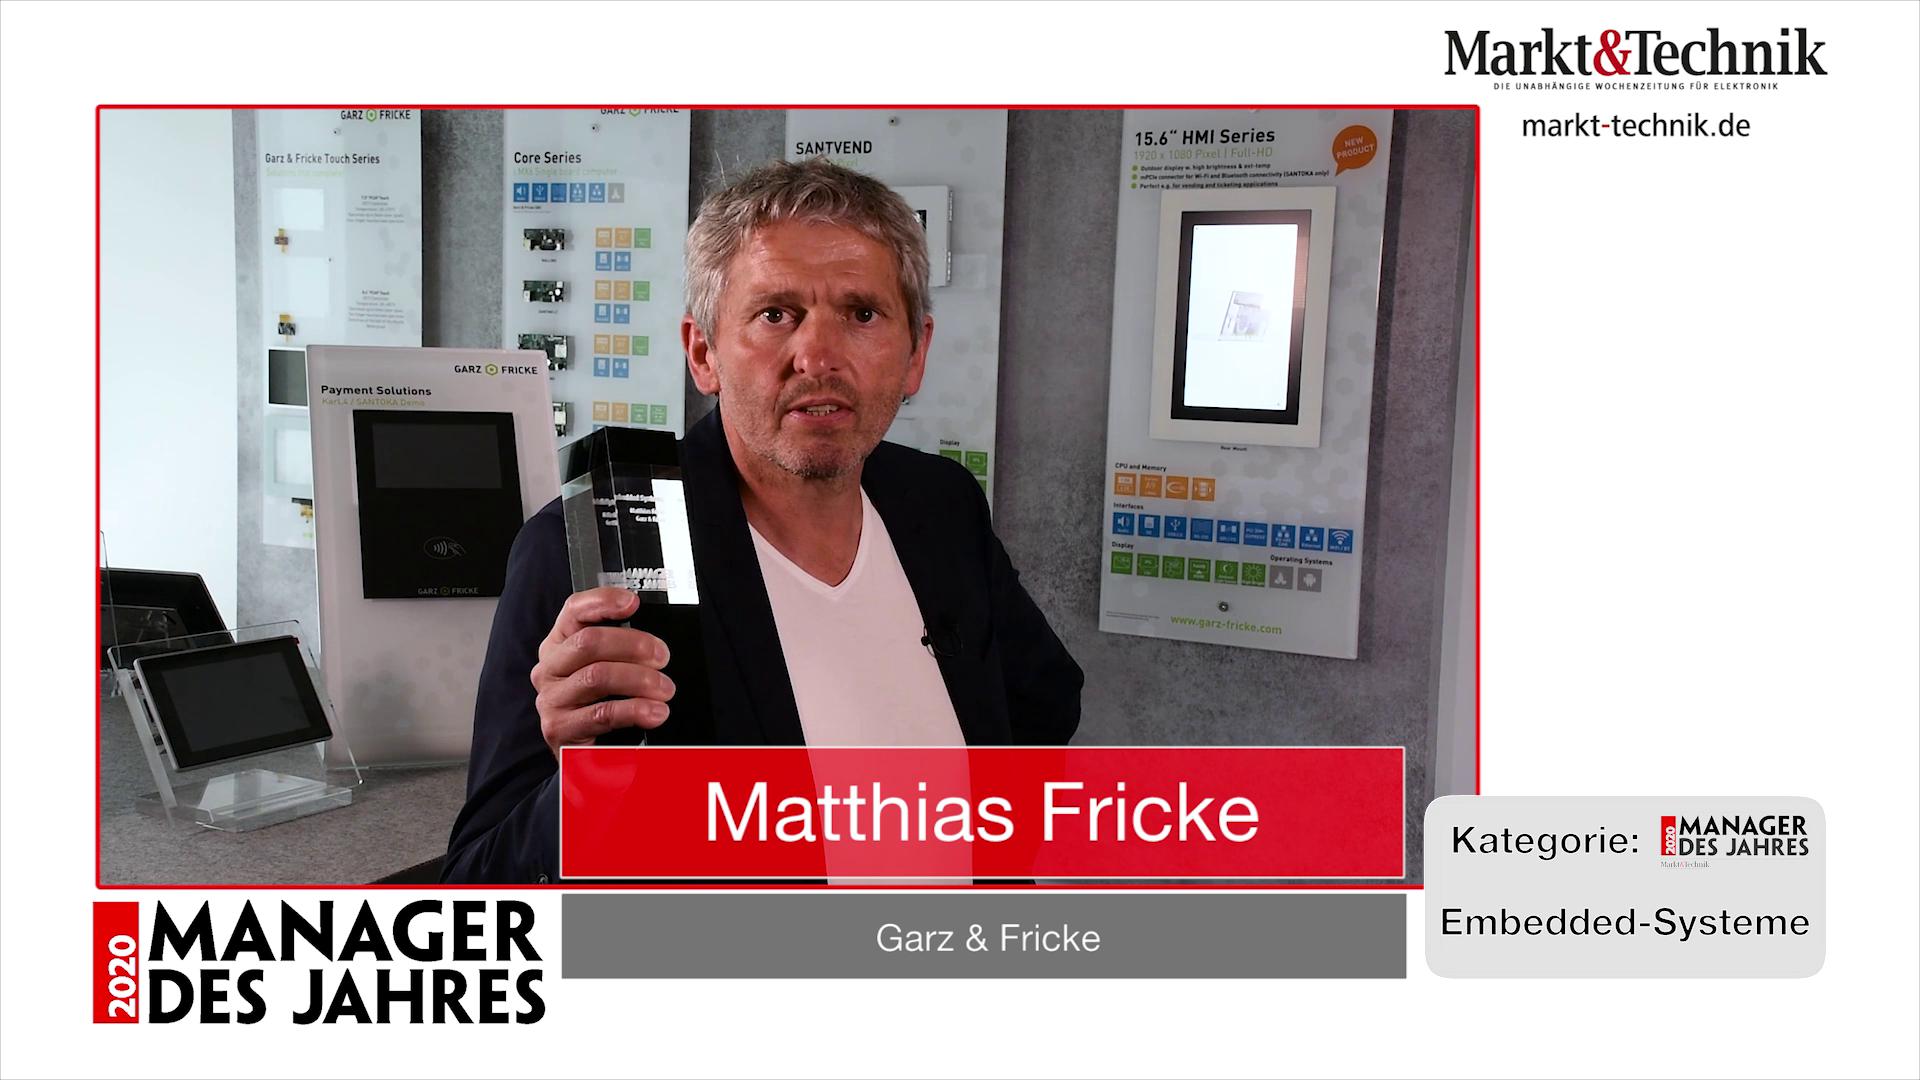 »Manager des Jahres 2020«: Matthias Fricke